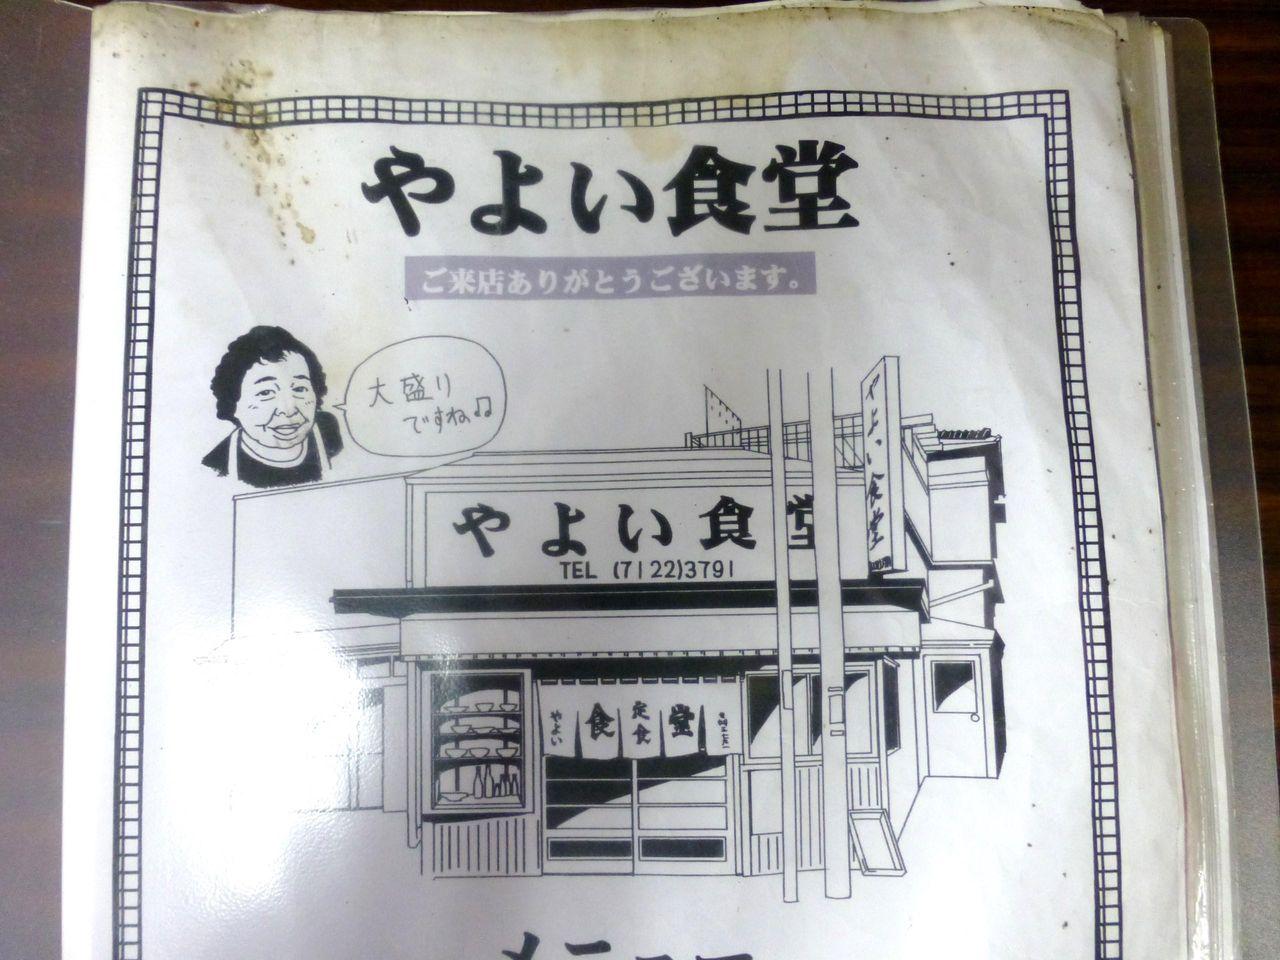 やよい食堂のメニュー(27年2月現在)